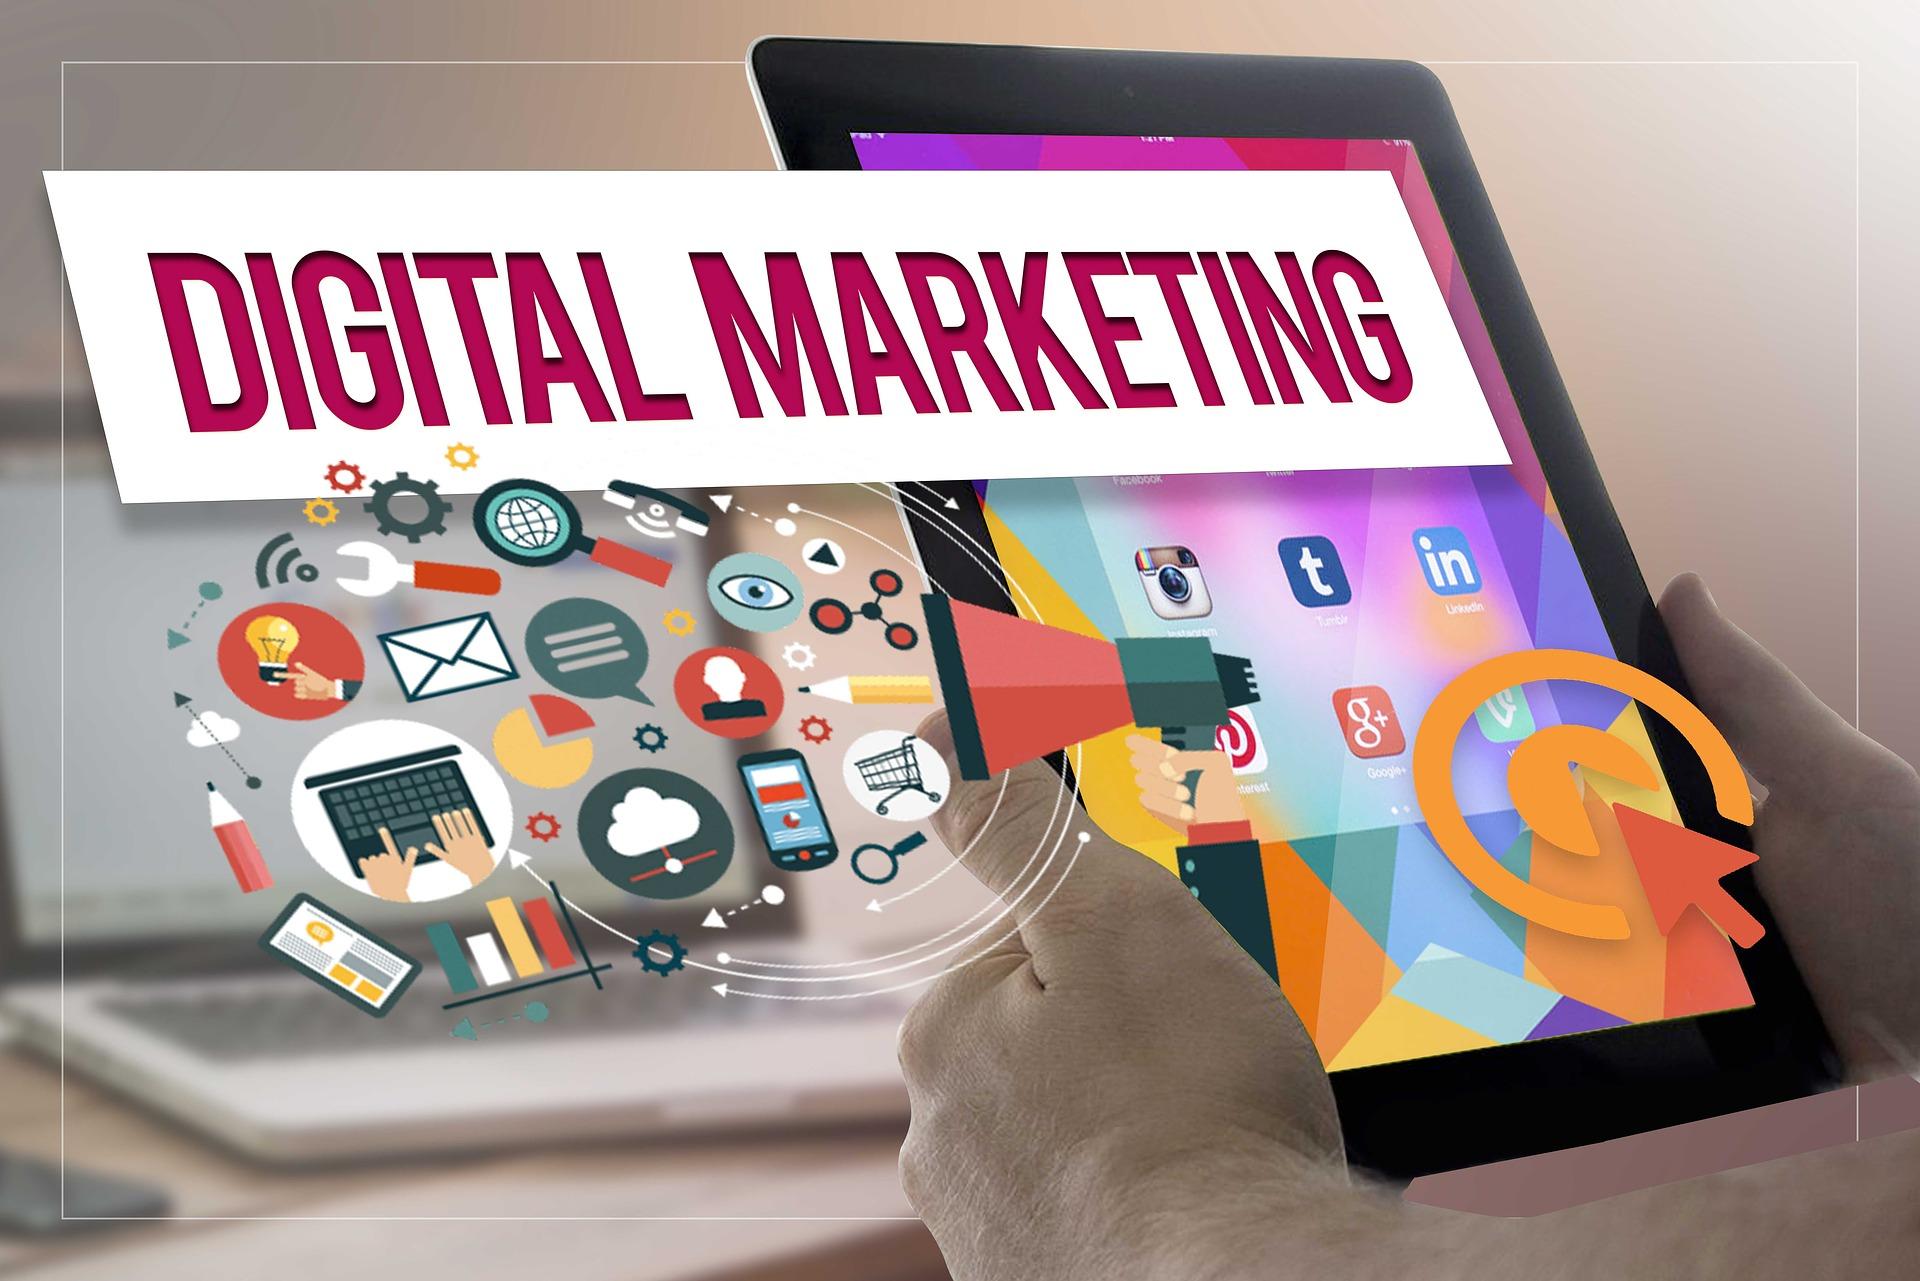 注目を集める職種Webマーケター!求人傾向を読み解き転就職を成功させよう